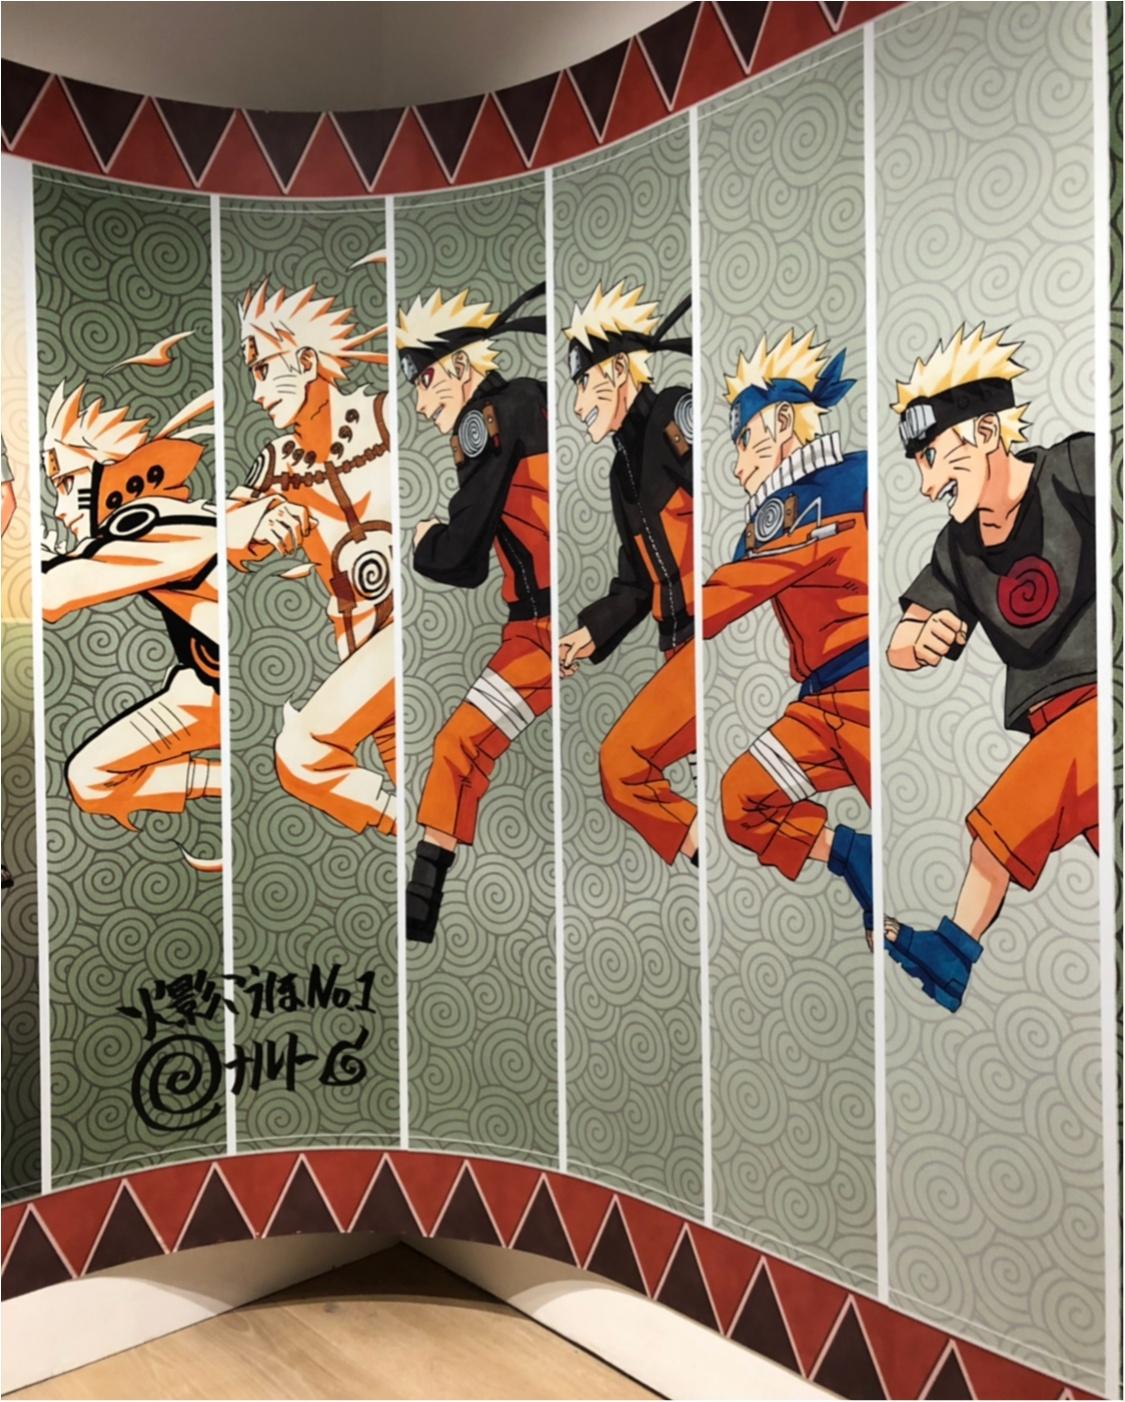 いよいよ後10日!【創刊50周年記念ジャンプ展vol.3】に行ってきました❤️_15